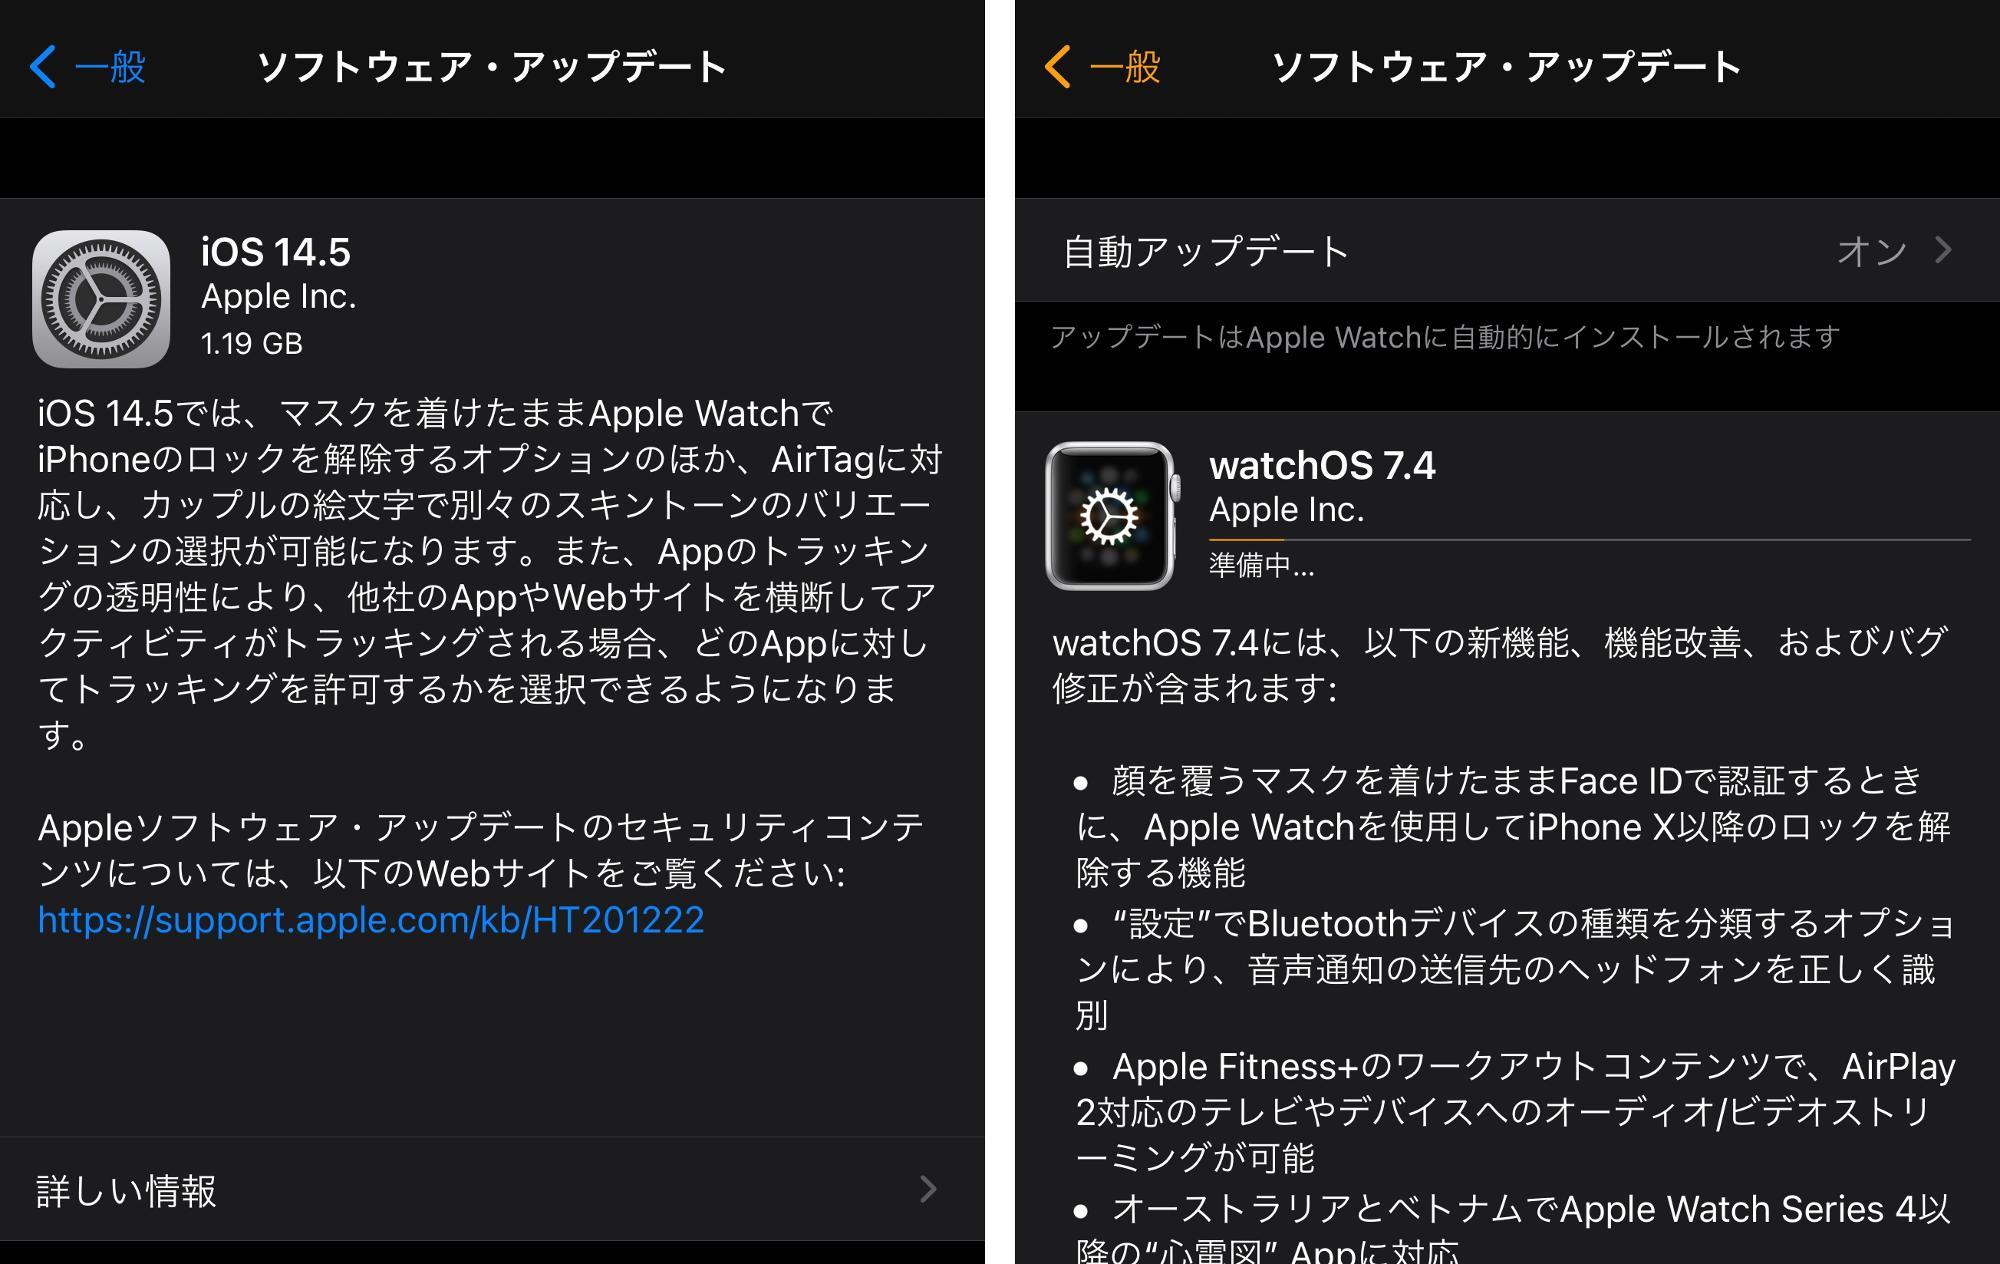 iPhoneとAppleWatchを共に最新にアップデート